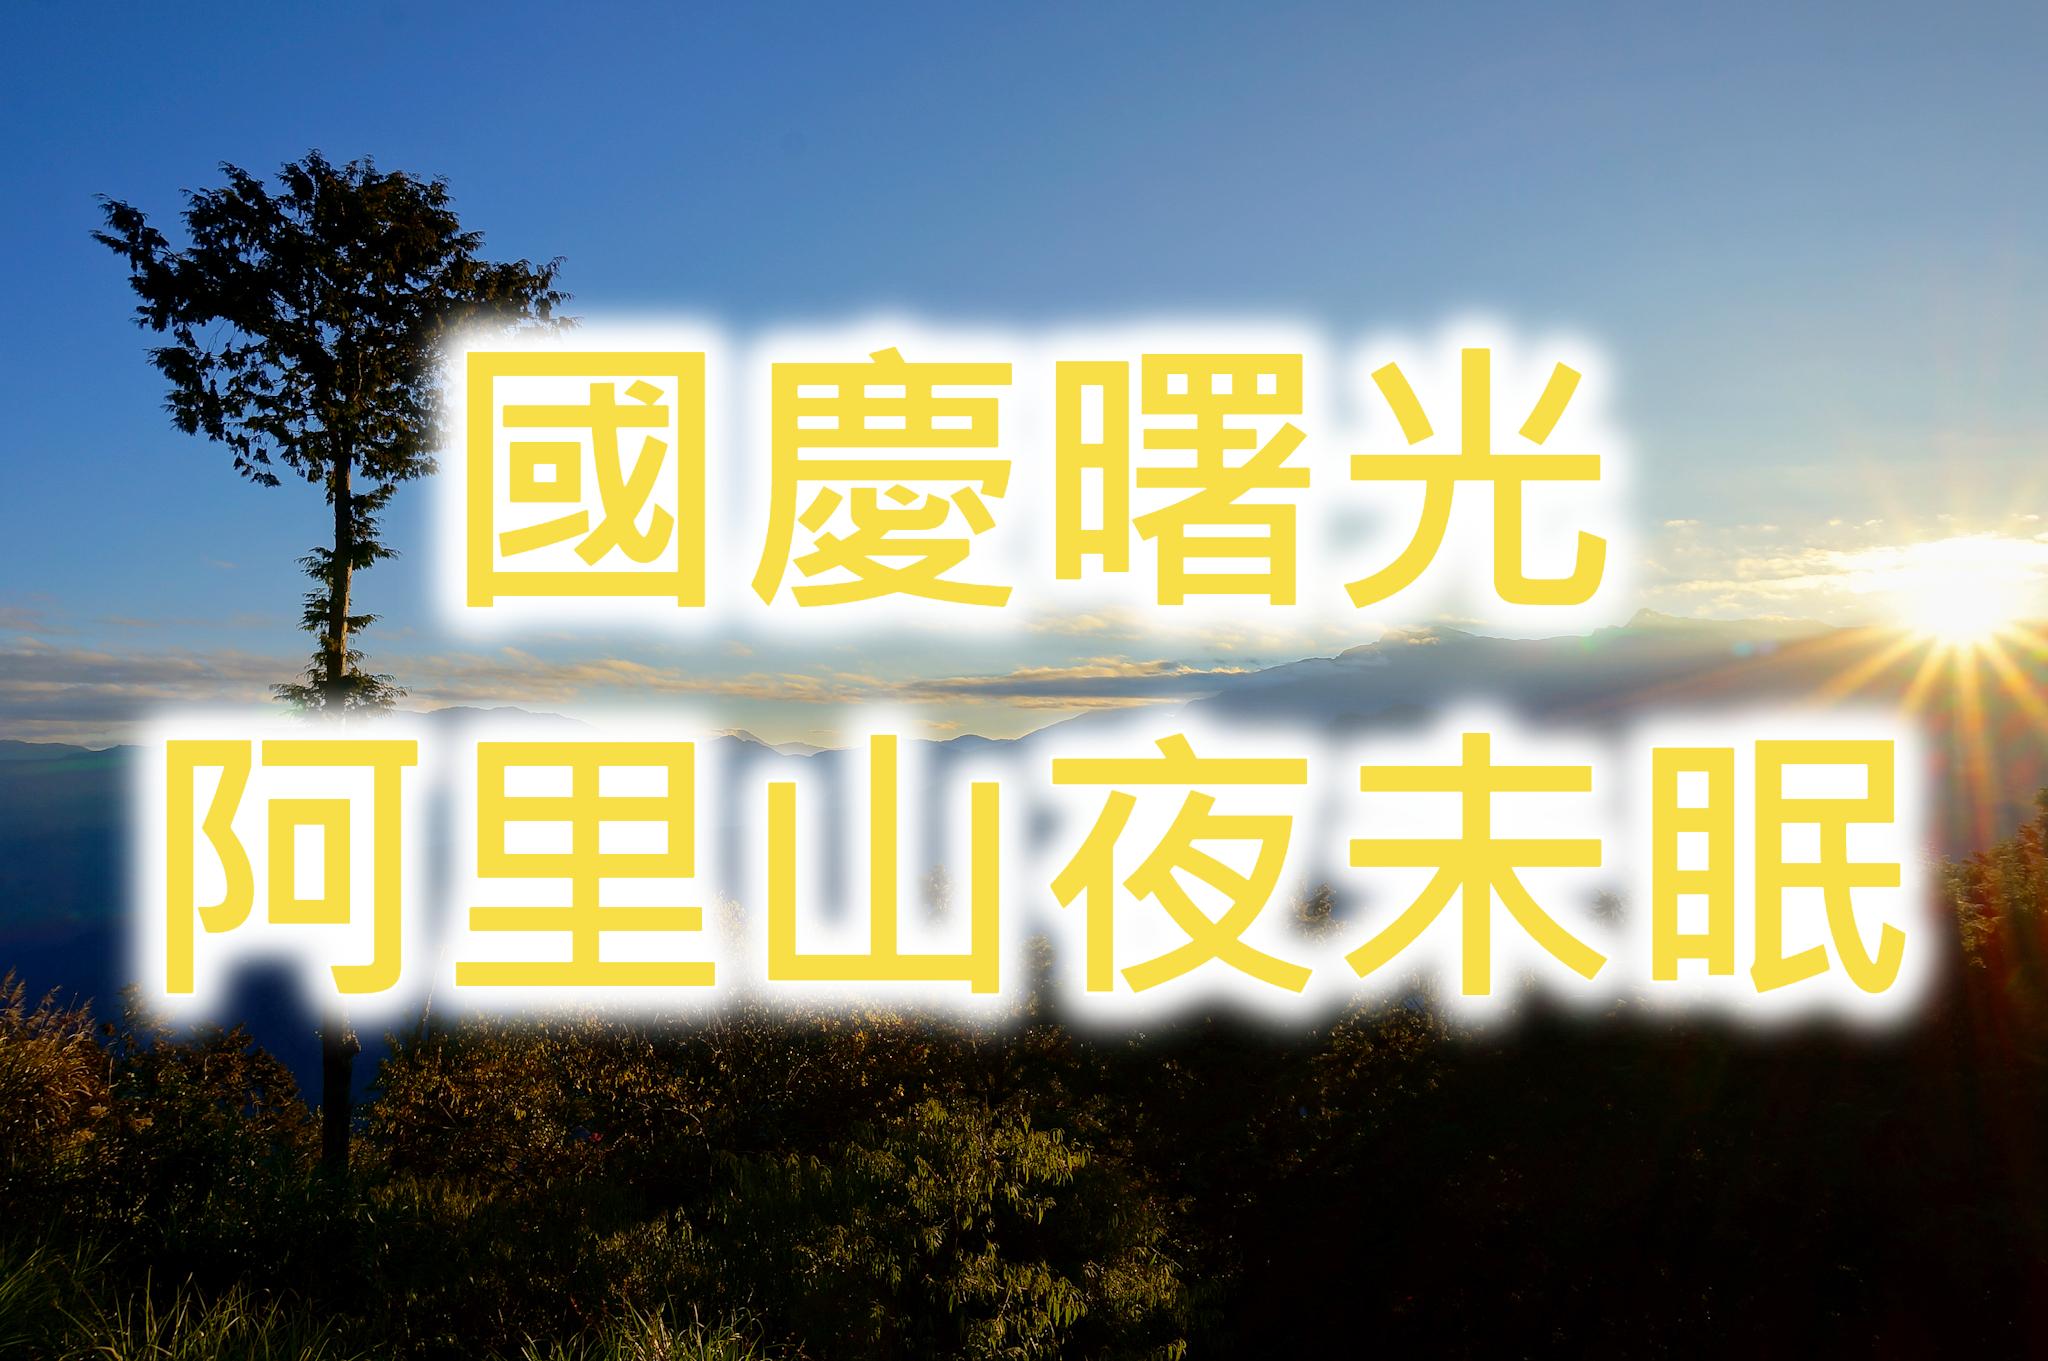 【國慶連假旅遊】2021國慶第一道曙光 阿里山夜未眠 (CHY26)